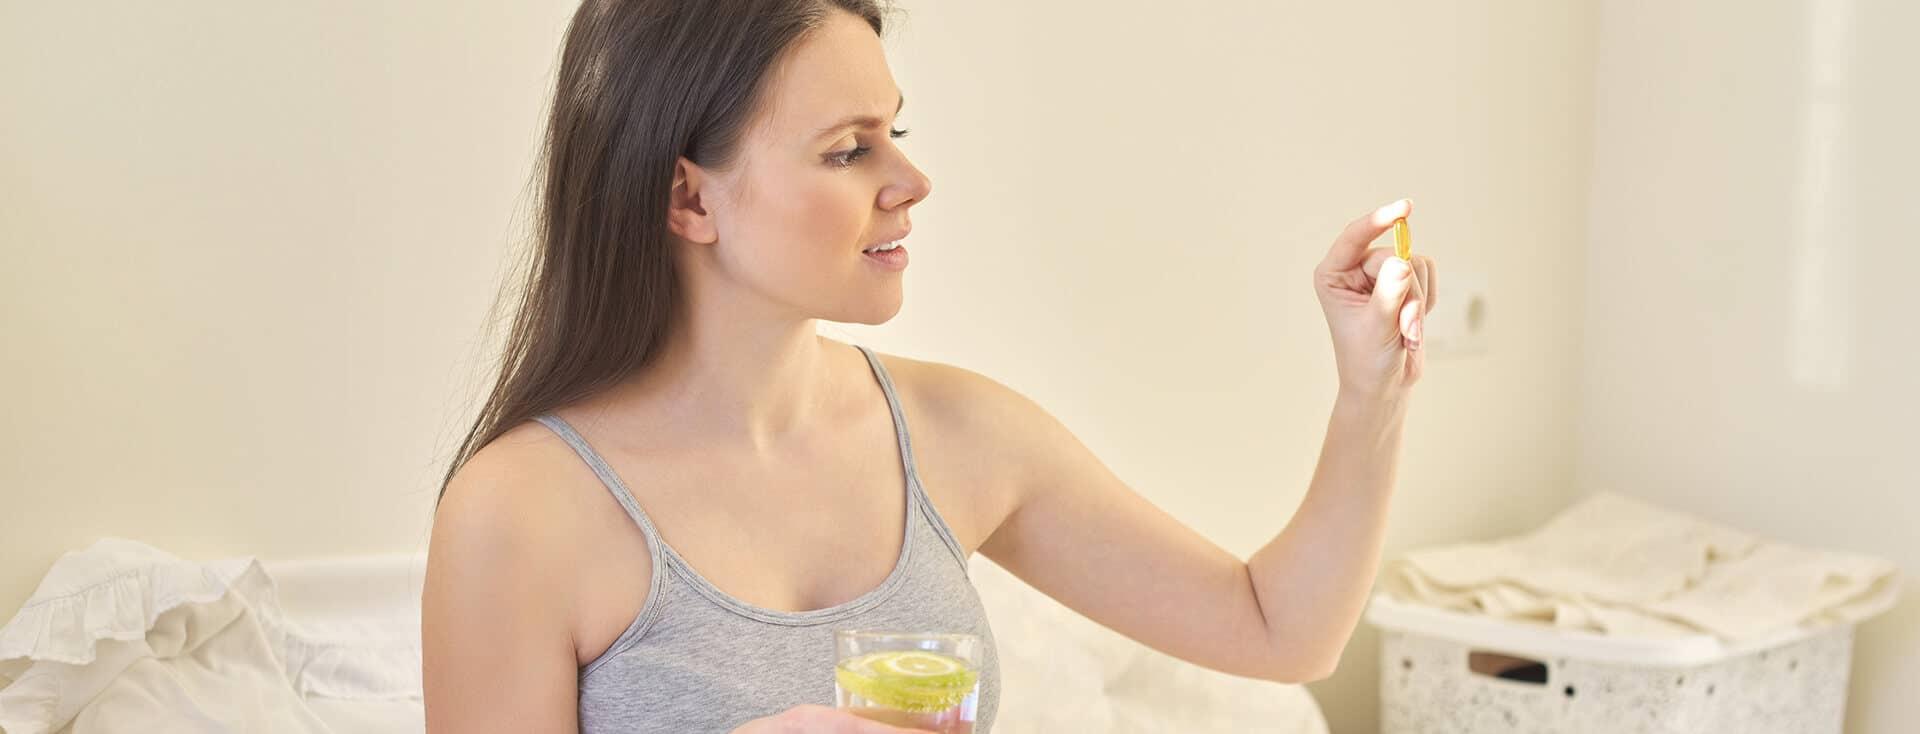 Mulher grávida tomando seu suplemento de ômega 3.